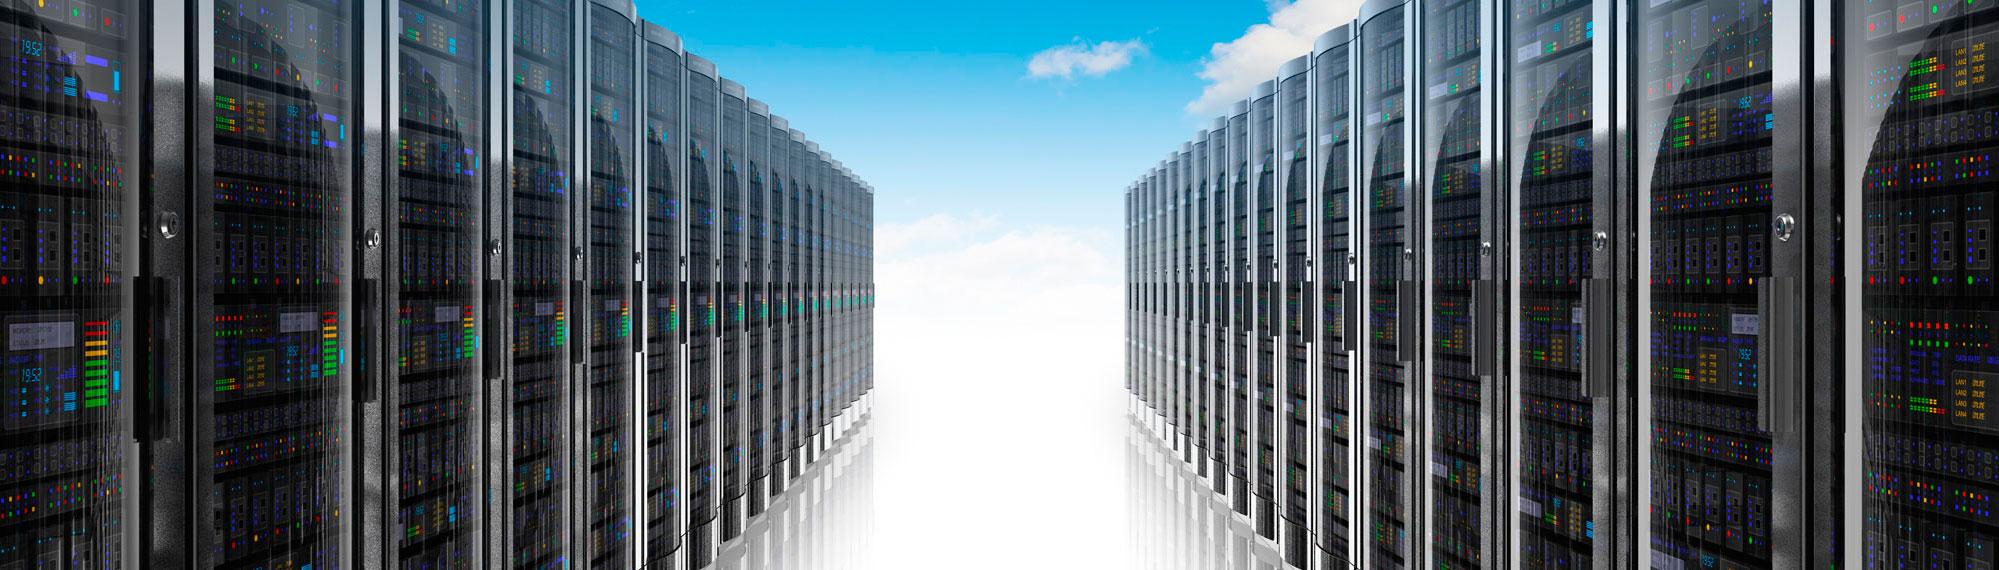 El mercado de infraestructuras cloud crecerá el 21% en 2015